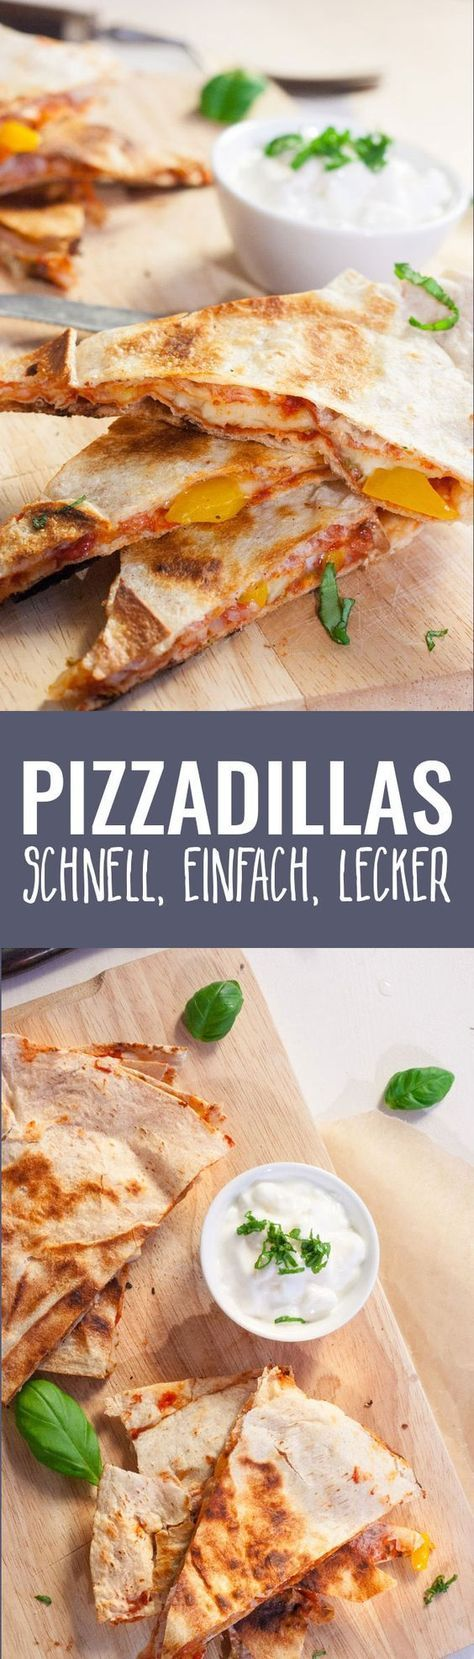 Pizzadillas - die schnelle und gesunde Alternative zu Pizza - Kochkarussell #recettesdecuisine